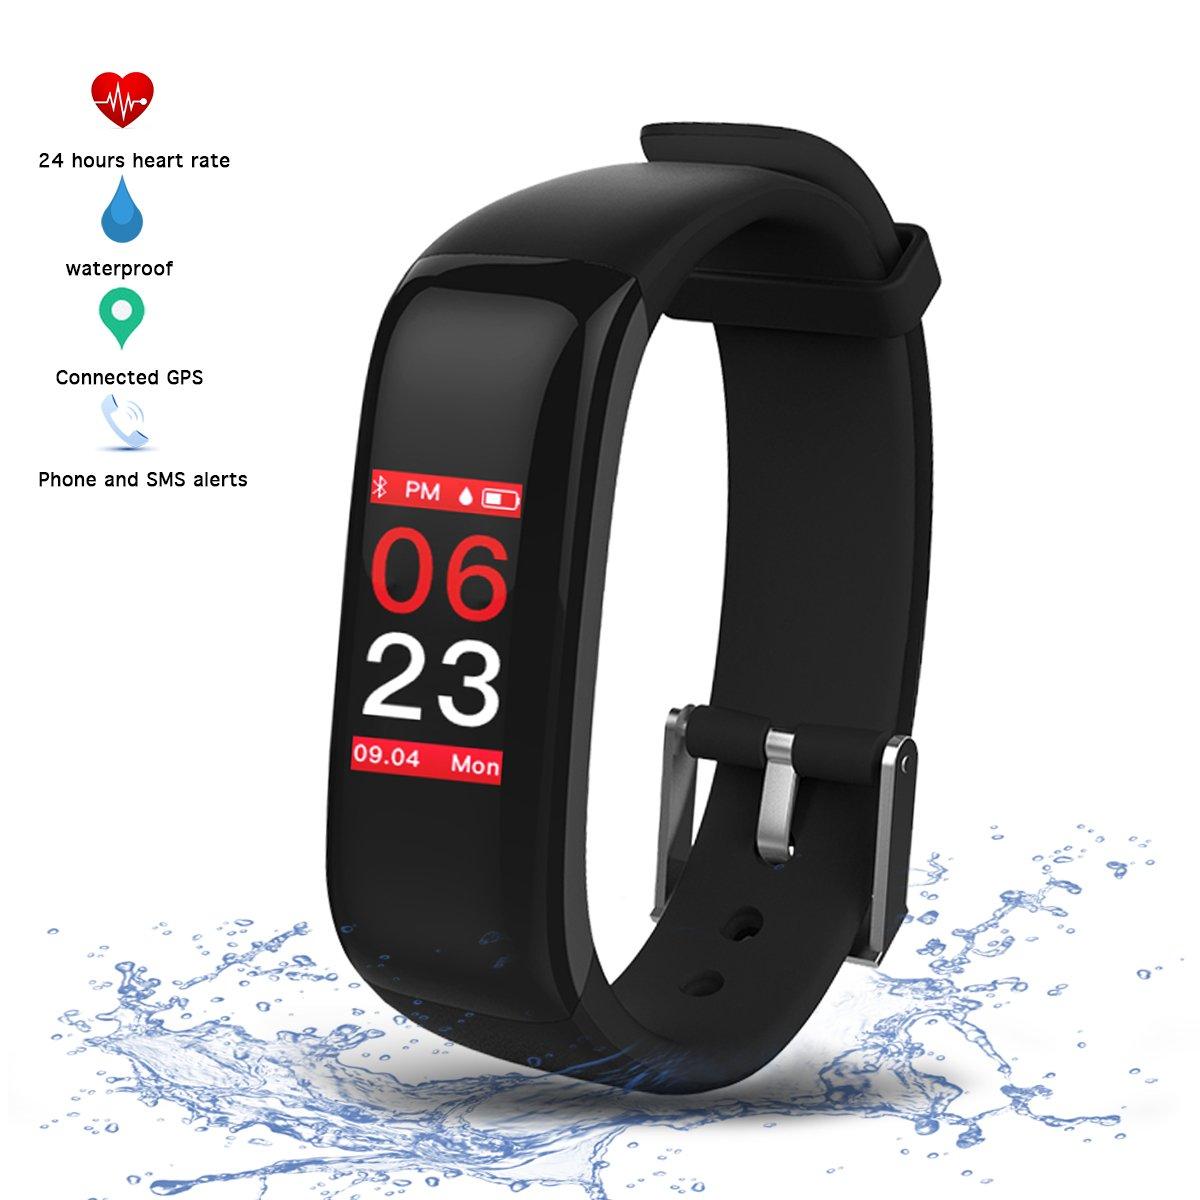 Montre Connectée Tension Arterielle Cardiofréquencemètre Podomètre,Vitroba S3 Bracelet Connecté Etanche IP67 Montre Sport GPS Fitness Tracker dActivité ...